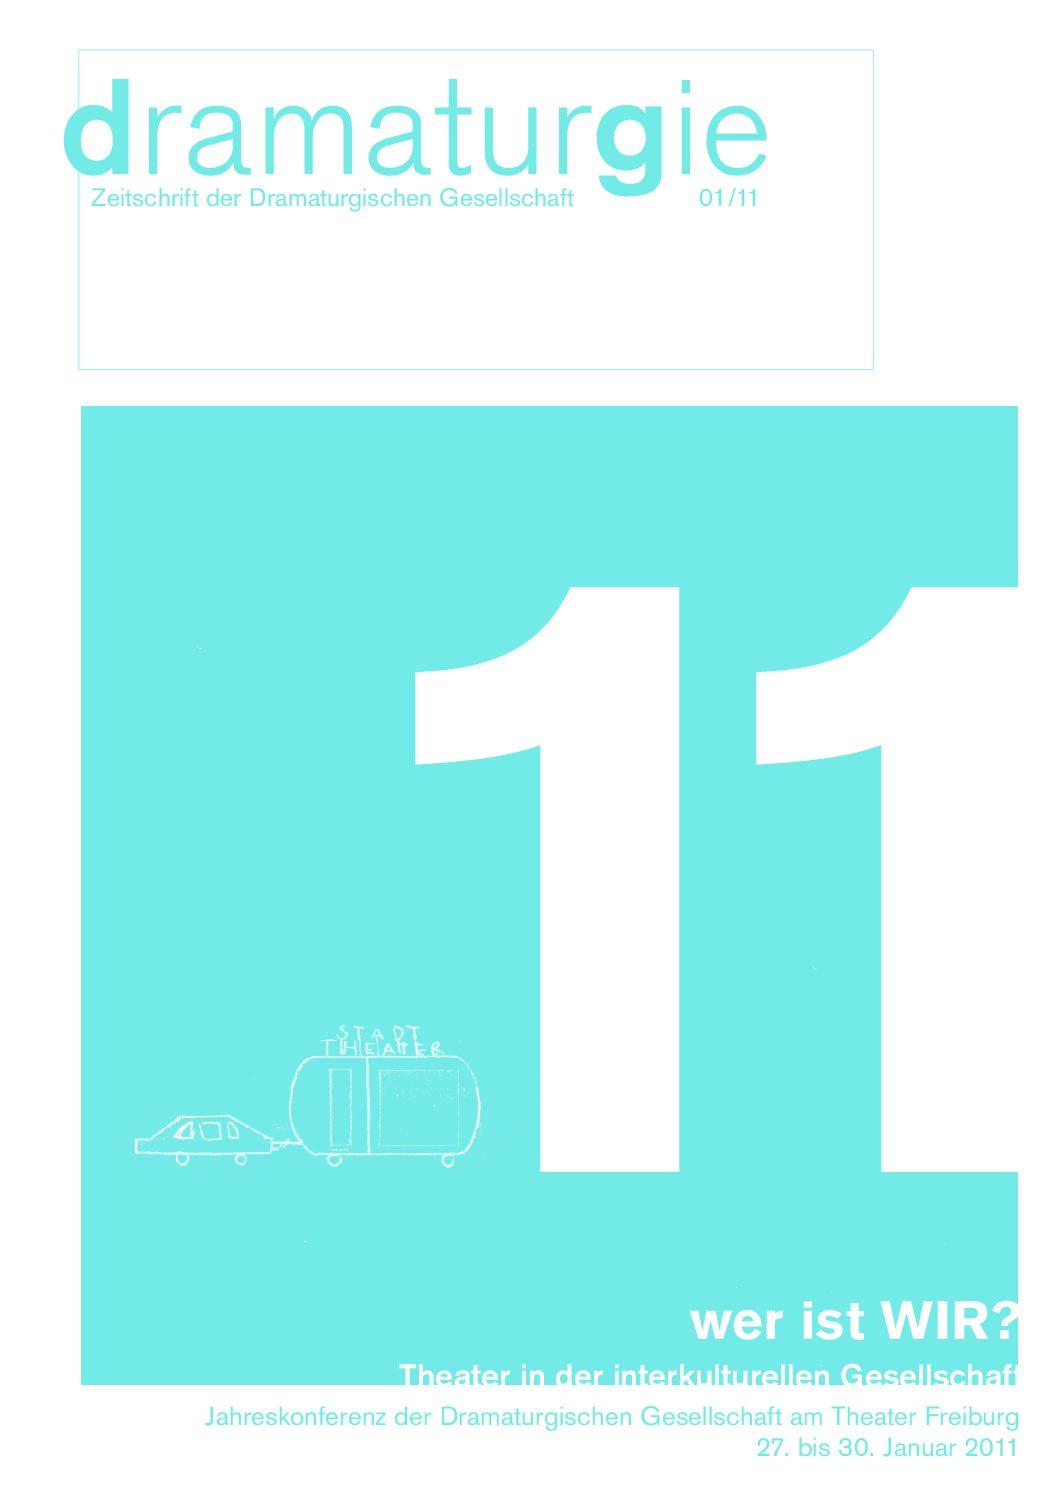 Thumbnail zum PDF: Dramaturgie 2011/1<br /> Wer ist wir? Theater in der interkulturellen Gesellschaft<br />